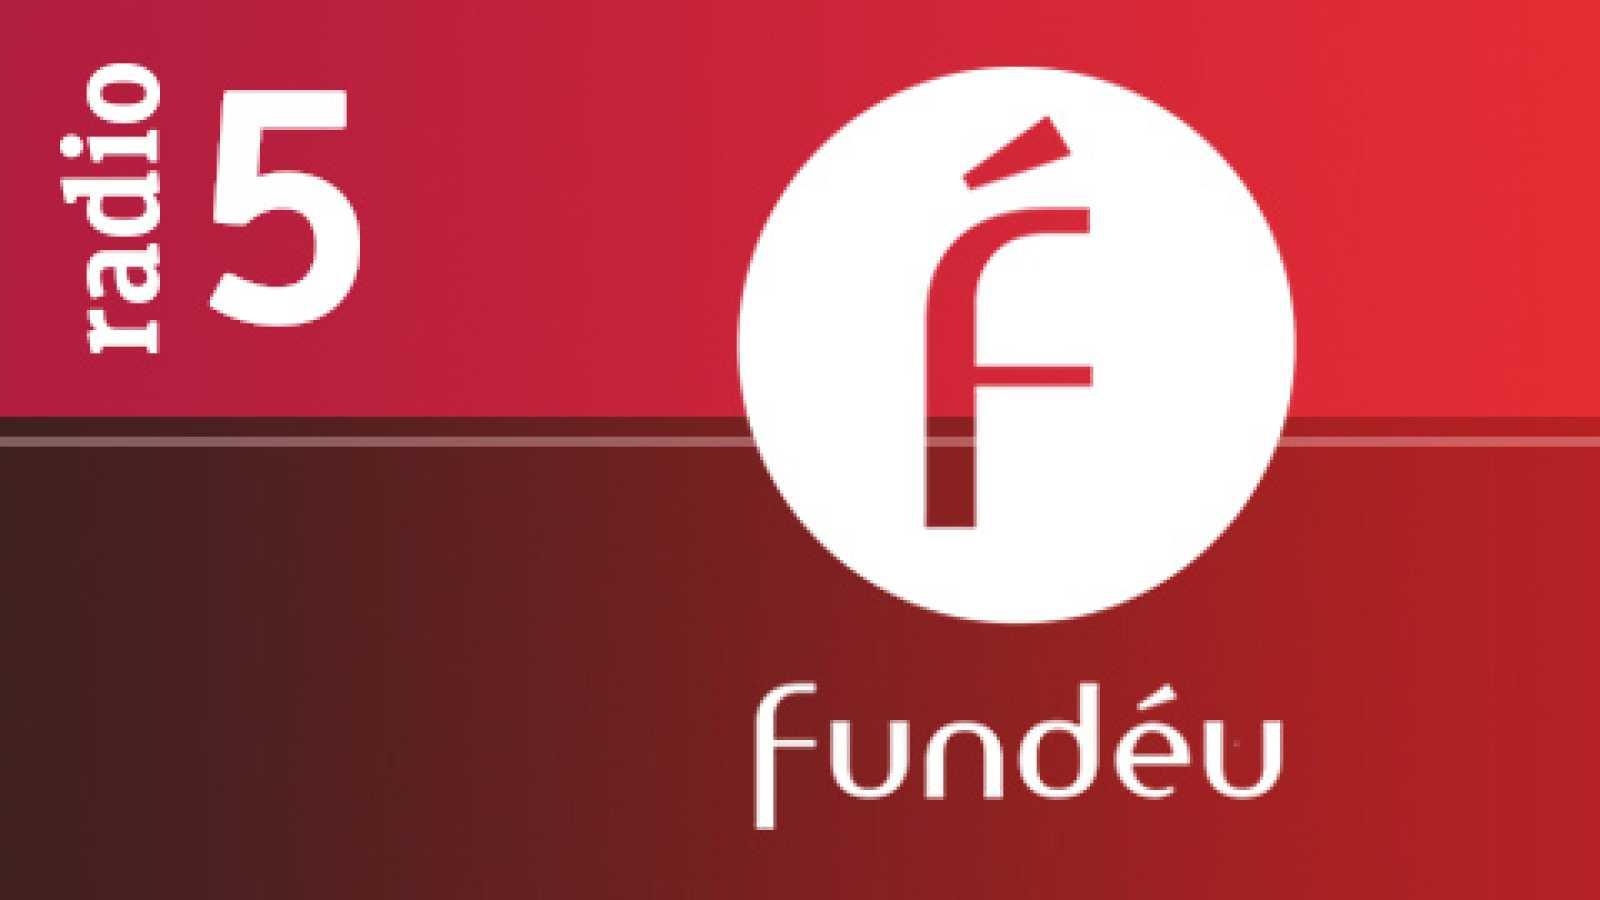 El español urgente con Fundéu - Némesis - 30/04/19 - Escuchar ahora